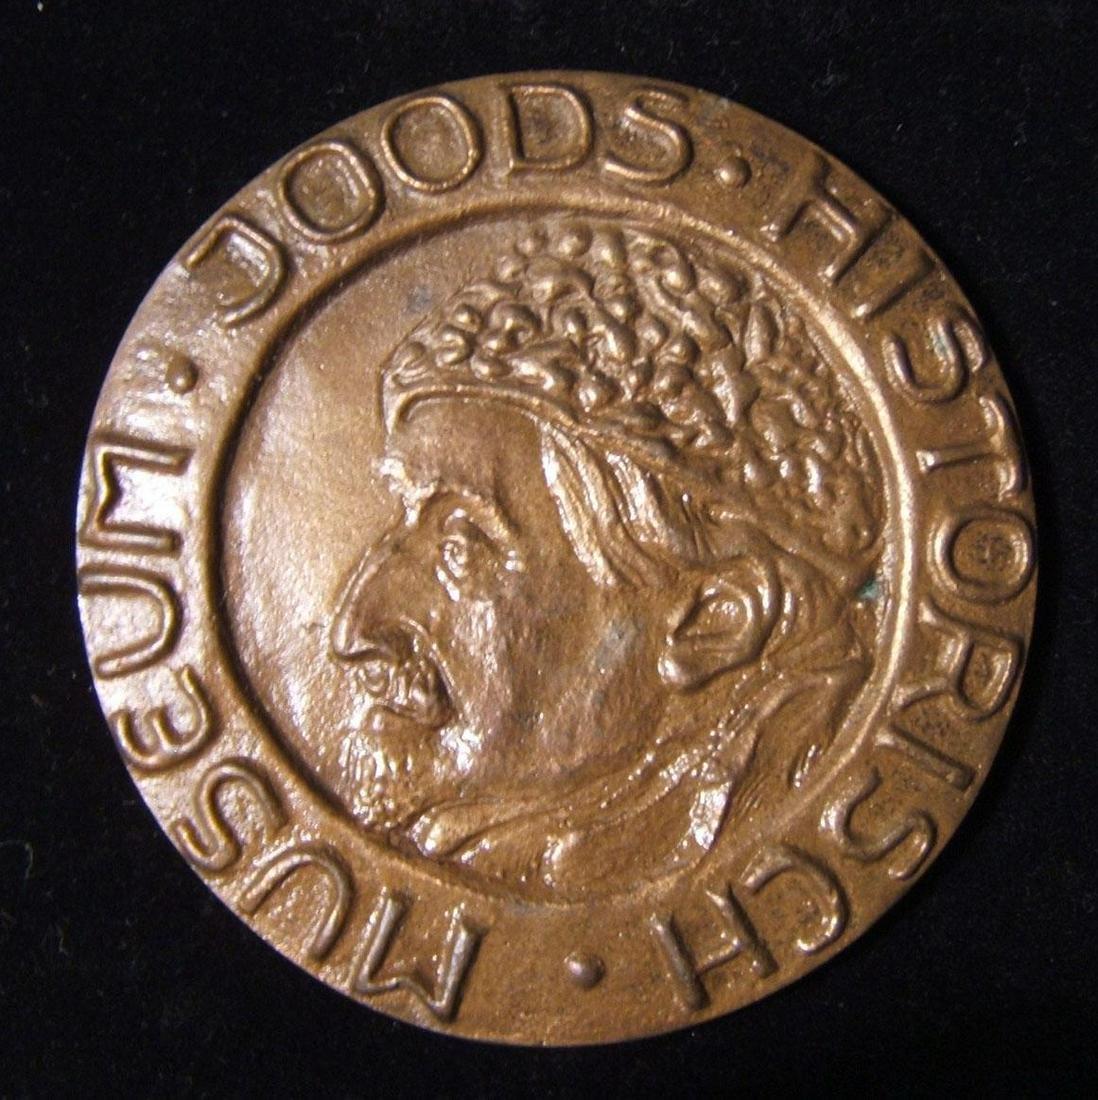 Dutch Shlomo An-ski Judaica portrait medal of Jewish